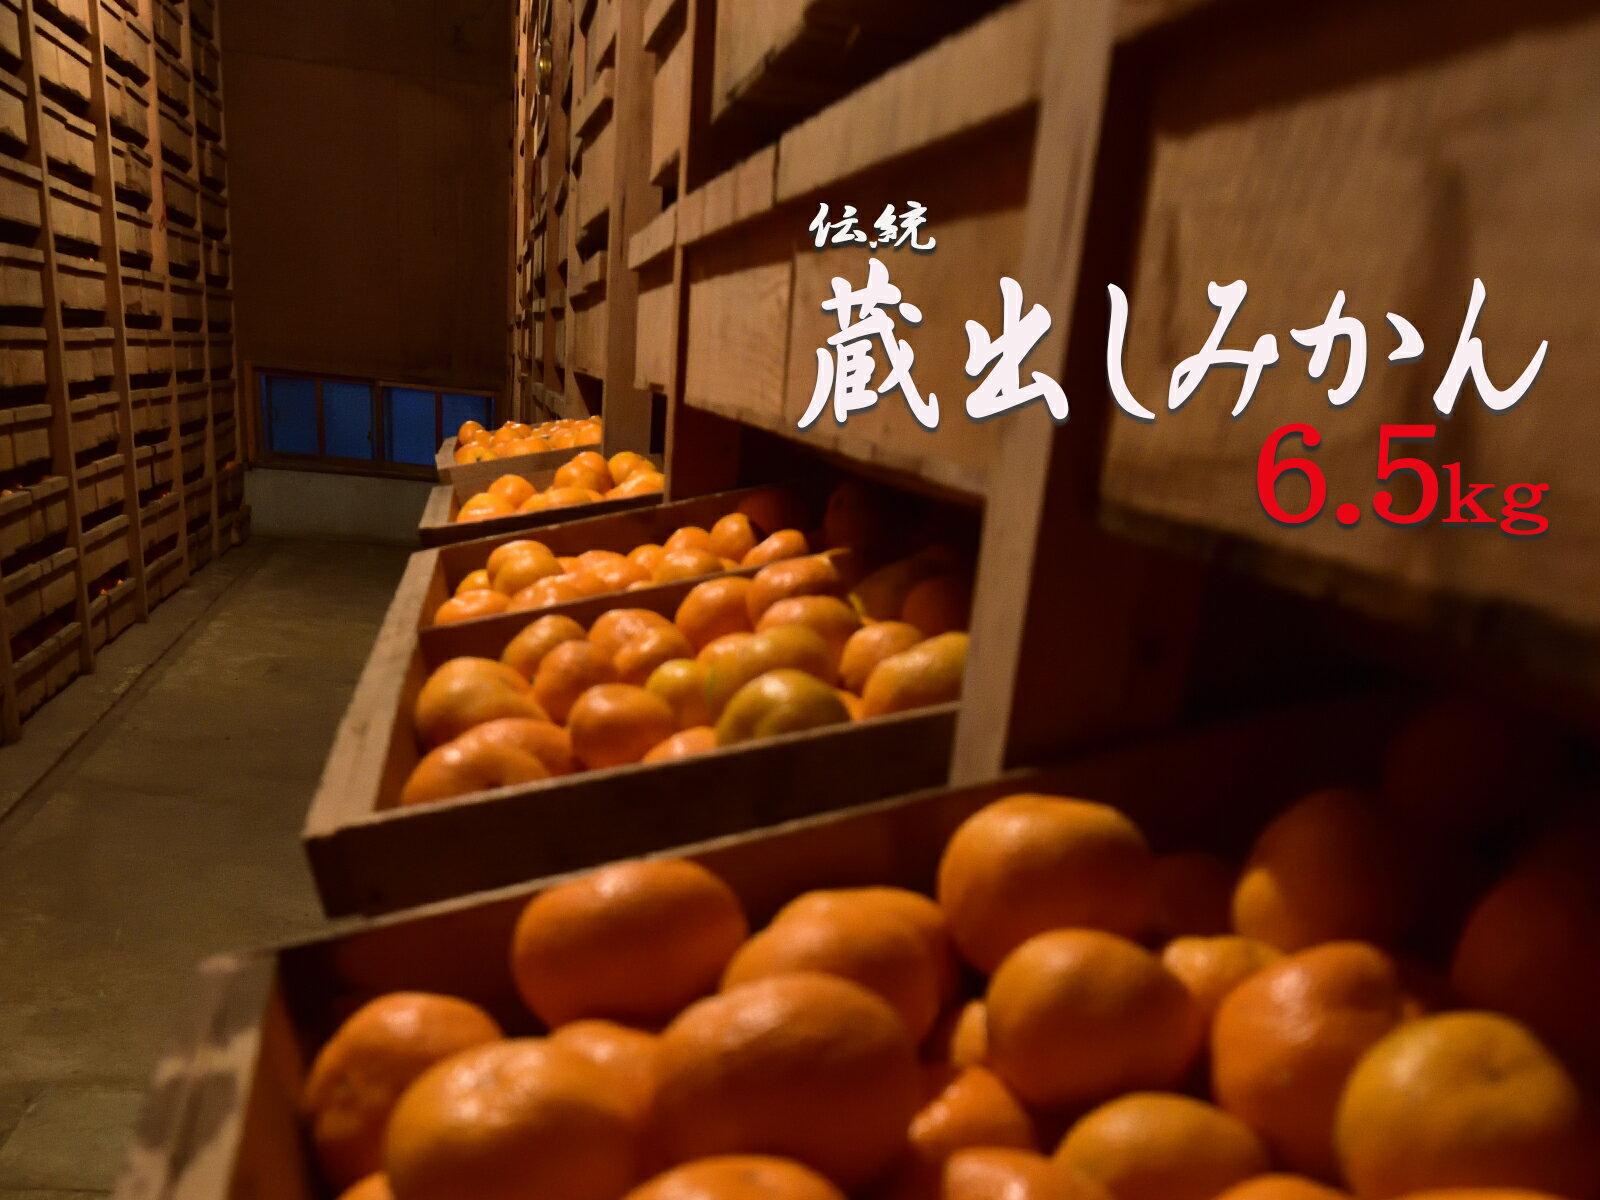 柑橘類おすすめ:下津蔵出しみかん6.5kg ご家庭用